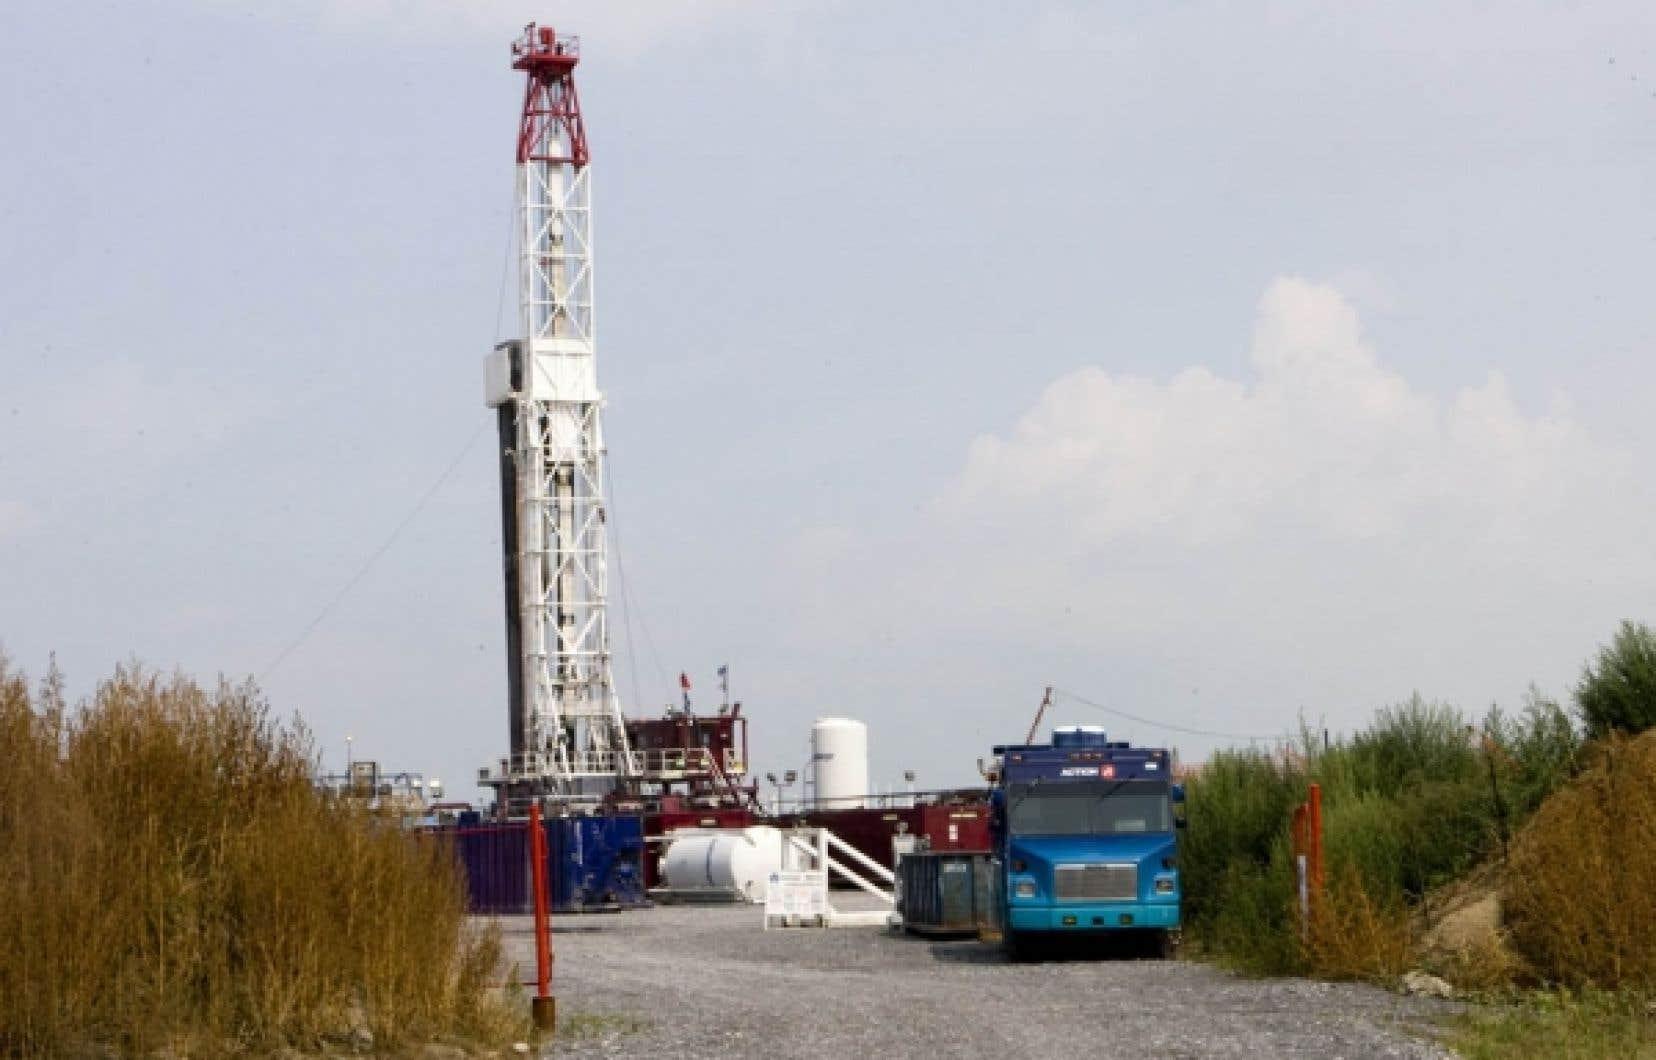 Un puits d'exploration gazière a surgi sur une terre agricole de Saint-Thomas-d'Aquin, près de Saint-Hyacinthe, tandis que la prospection s'étend maintenant à la région du mont Saint-Hilaire.<br />